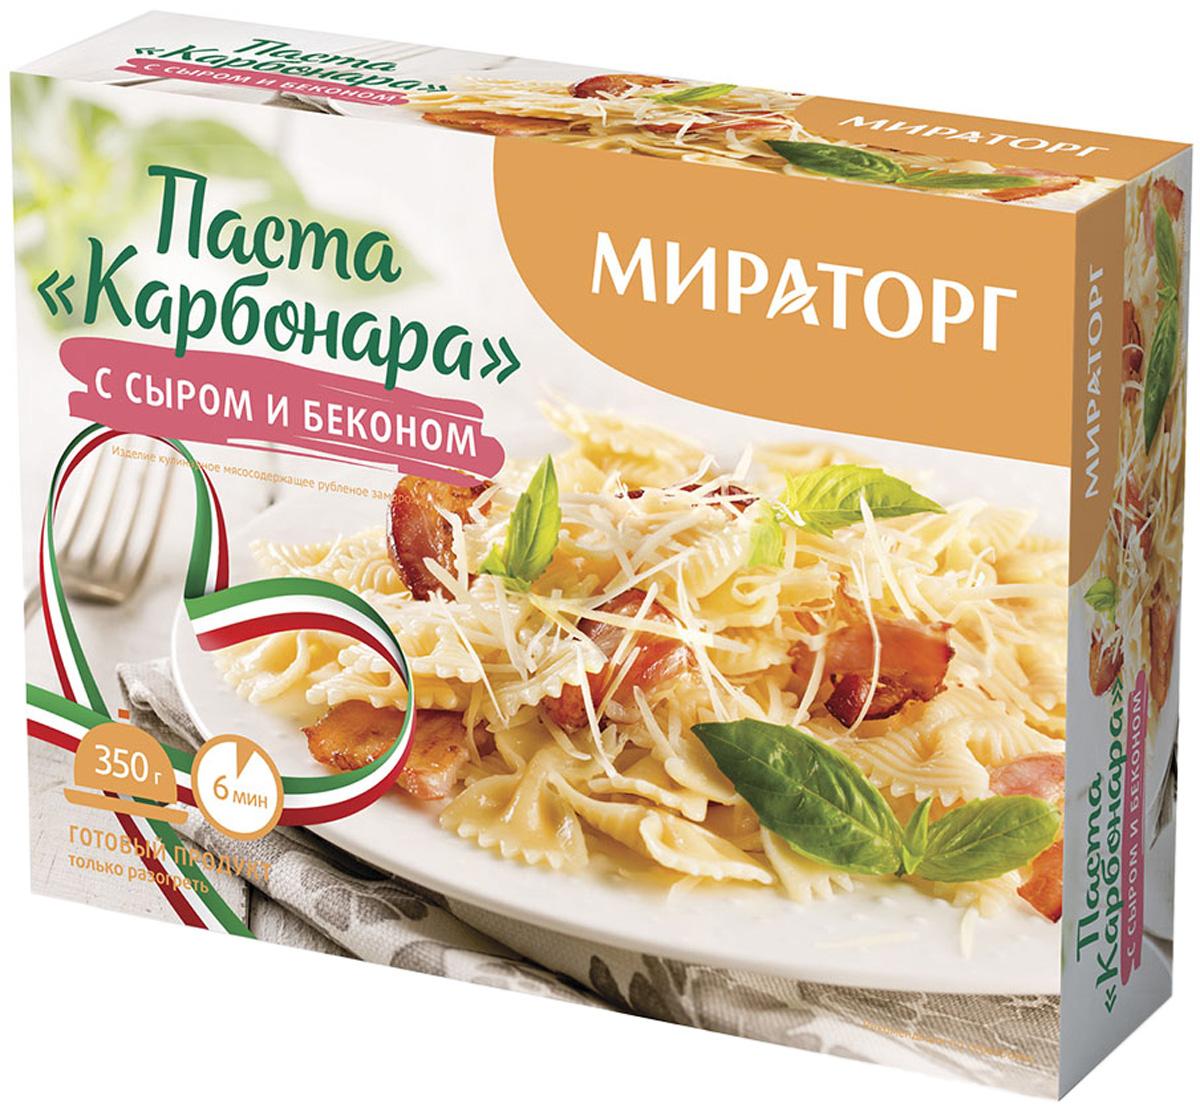 Паста Карбонара с сыром и беконом, Мираторг 350 г